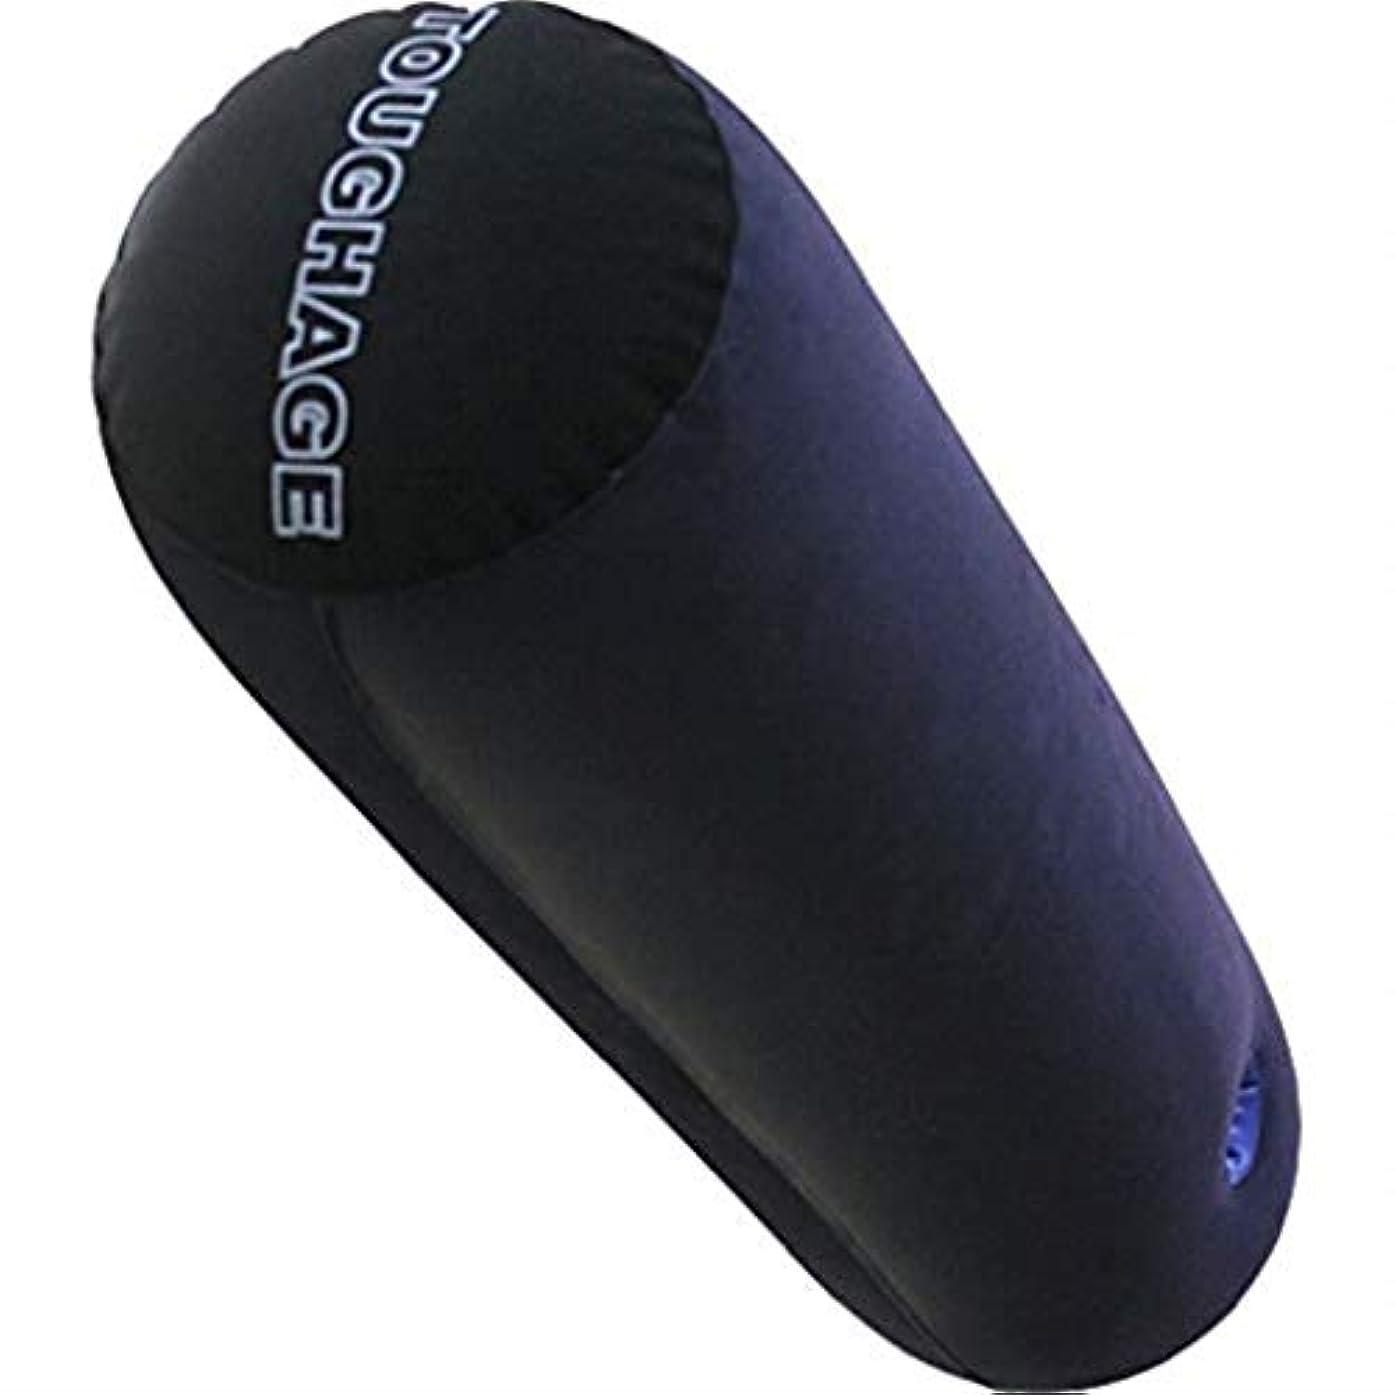 終わらせるエンコミウム感情Risareyi 携帯用ソファーの枕、睡眠のための円形の首の枕、首の苦痛救助、シリンダー支え枕、クッションカバー家/寝室